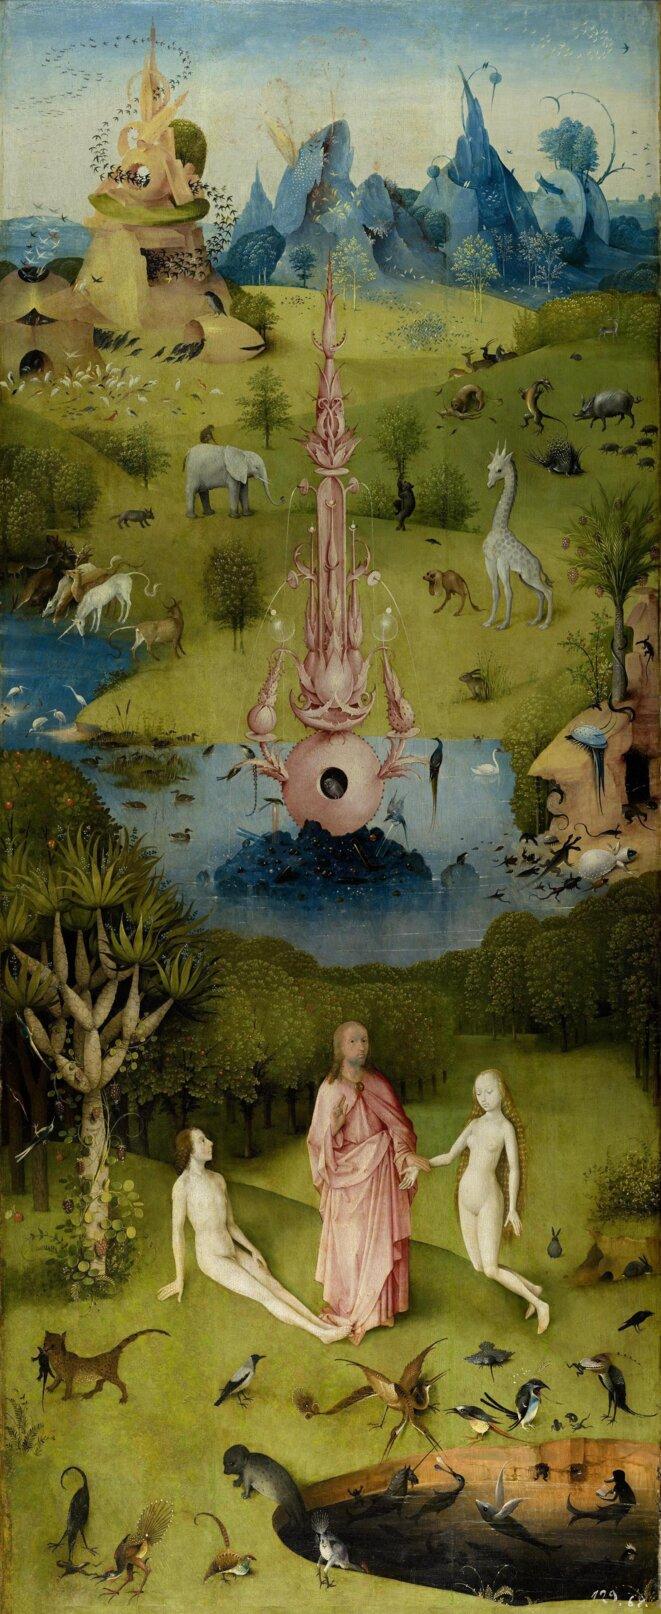 Jérôme Bosch, Le jardin des délices (vers 1500)